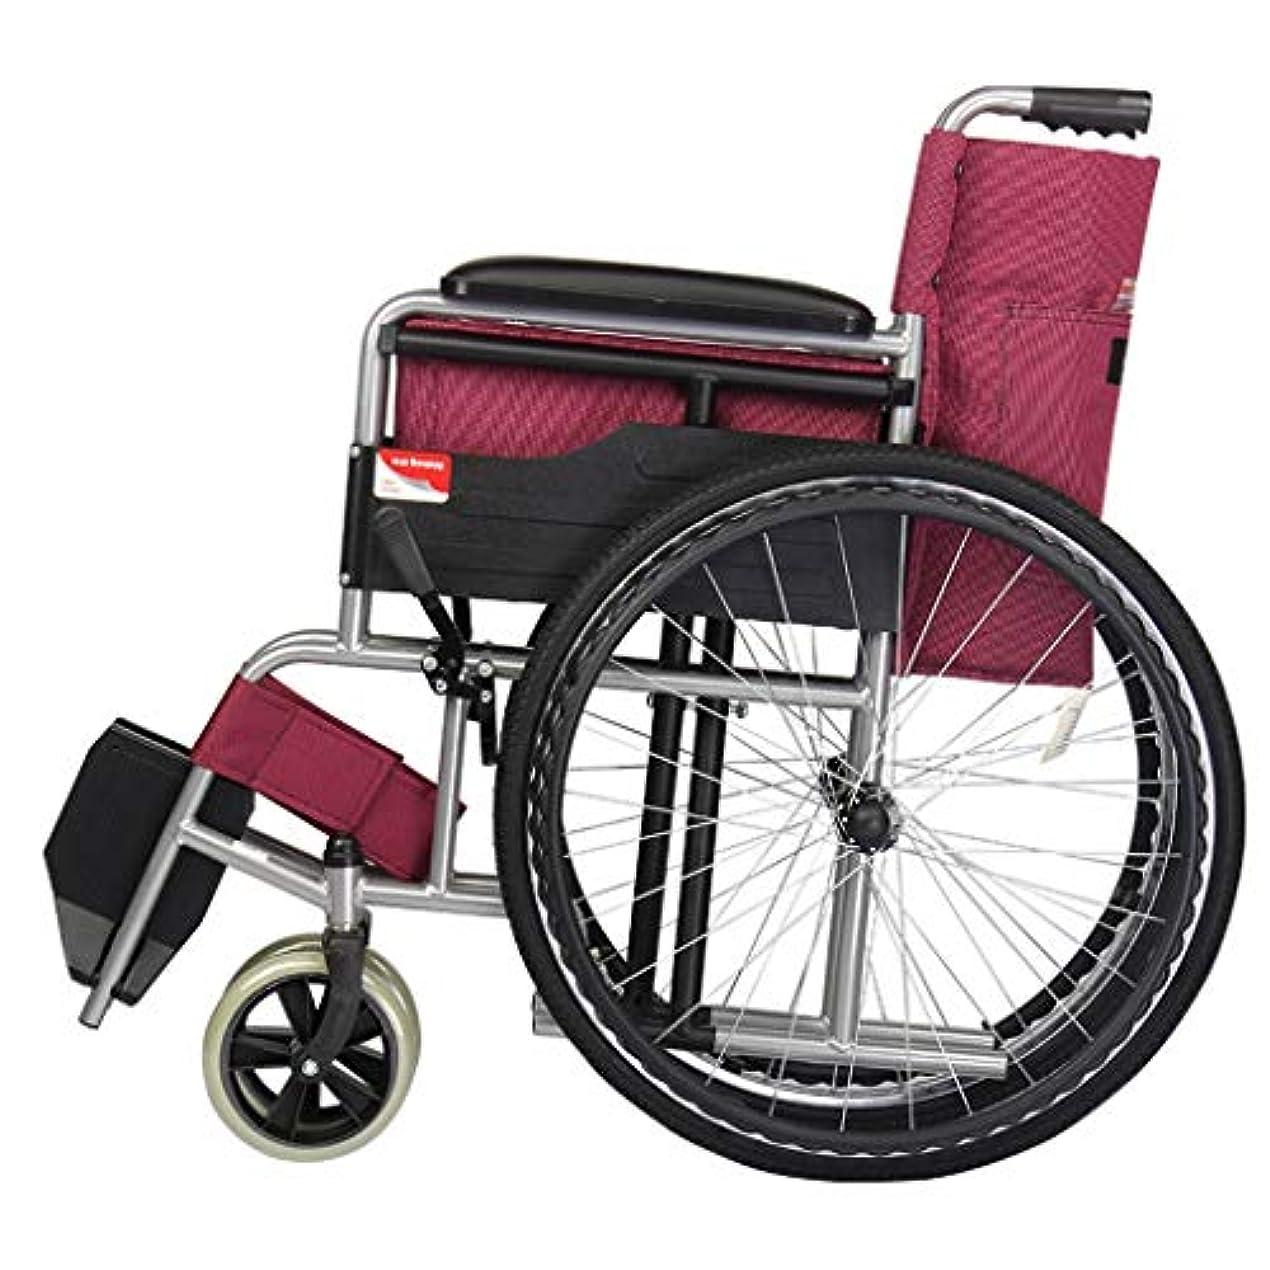 分泌するフェンス飛ぶハンドプッシュ車椅子、折りたたみ式ファミリーソフトシート車椅子、快適な老人旅行用車椅子